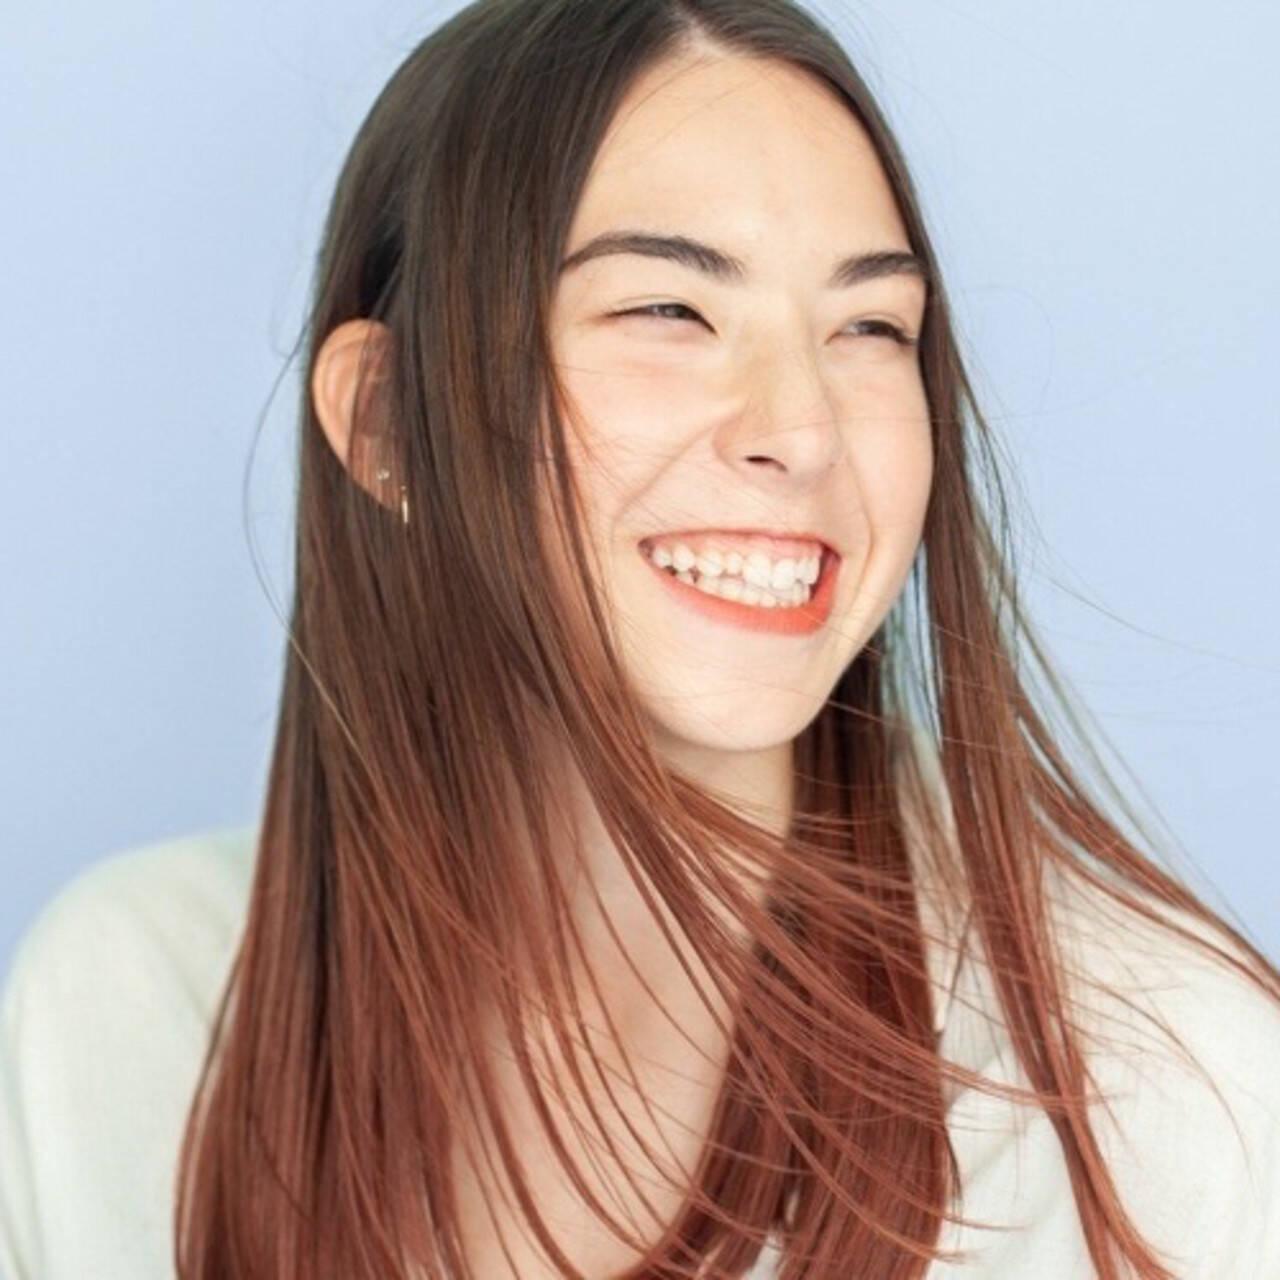 ミディアム ハイライト ストリート ブリーチヘアスタイルや髪型の写真・画像